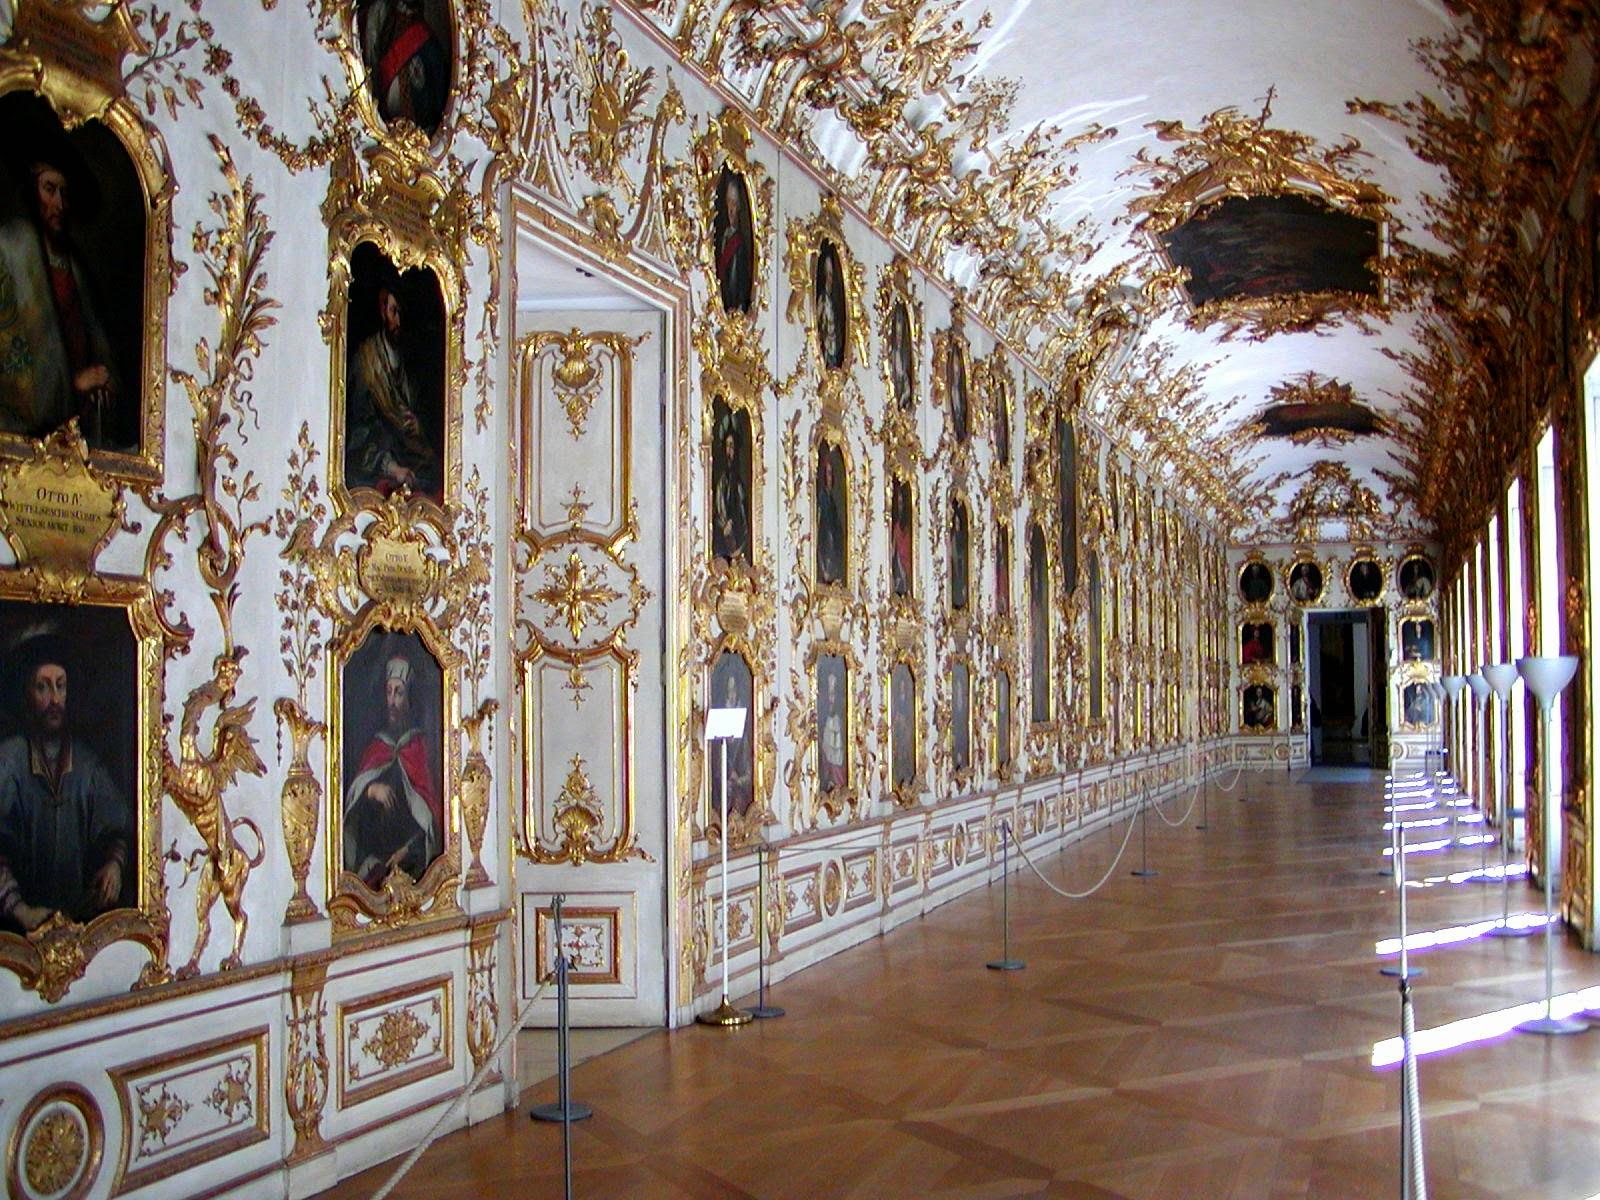 نتيجة بحث الصور عن قصر ريزيدينز الكبير ميونخ